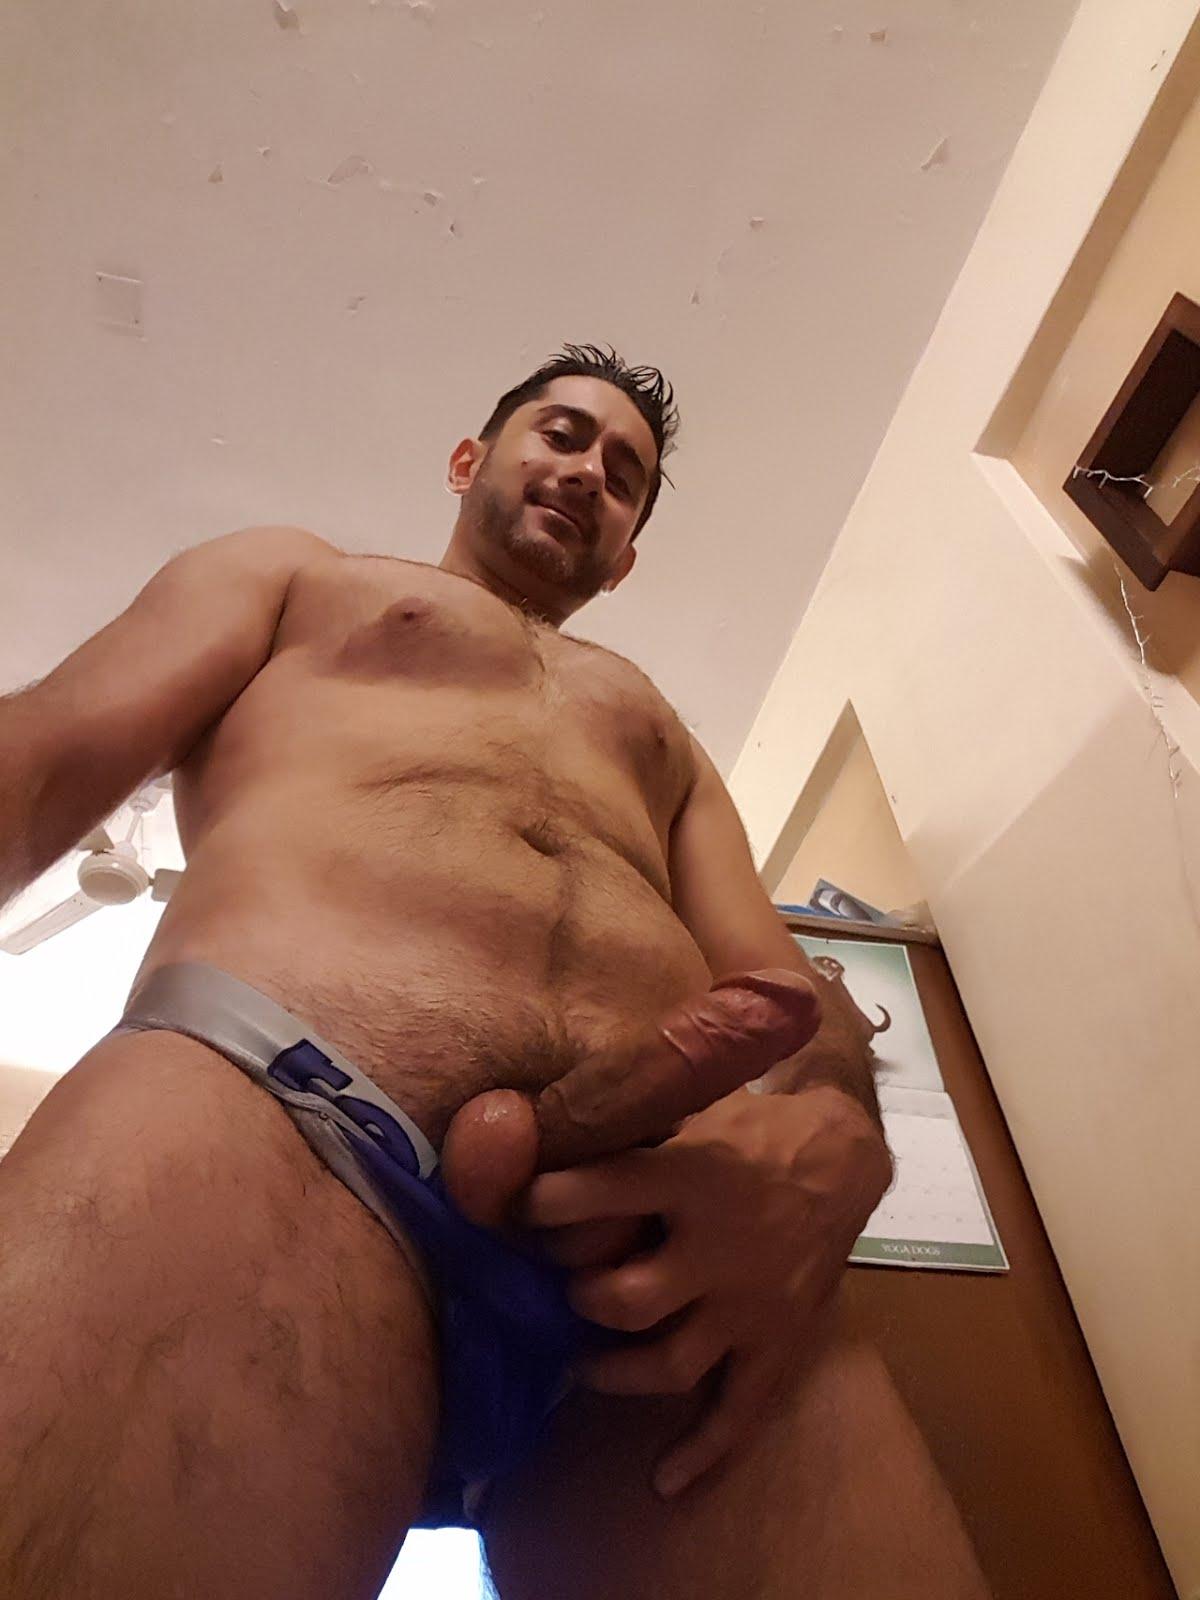 Naked Male Vimeo